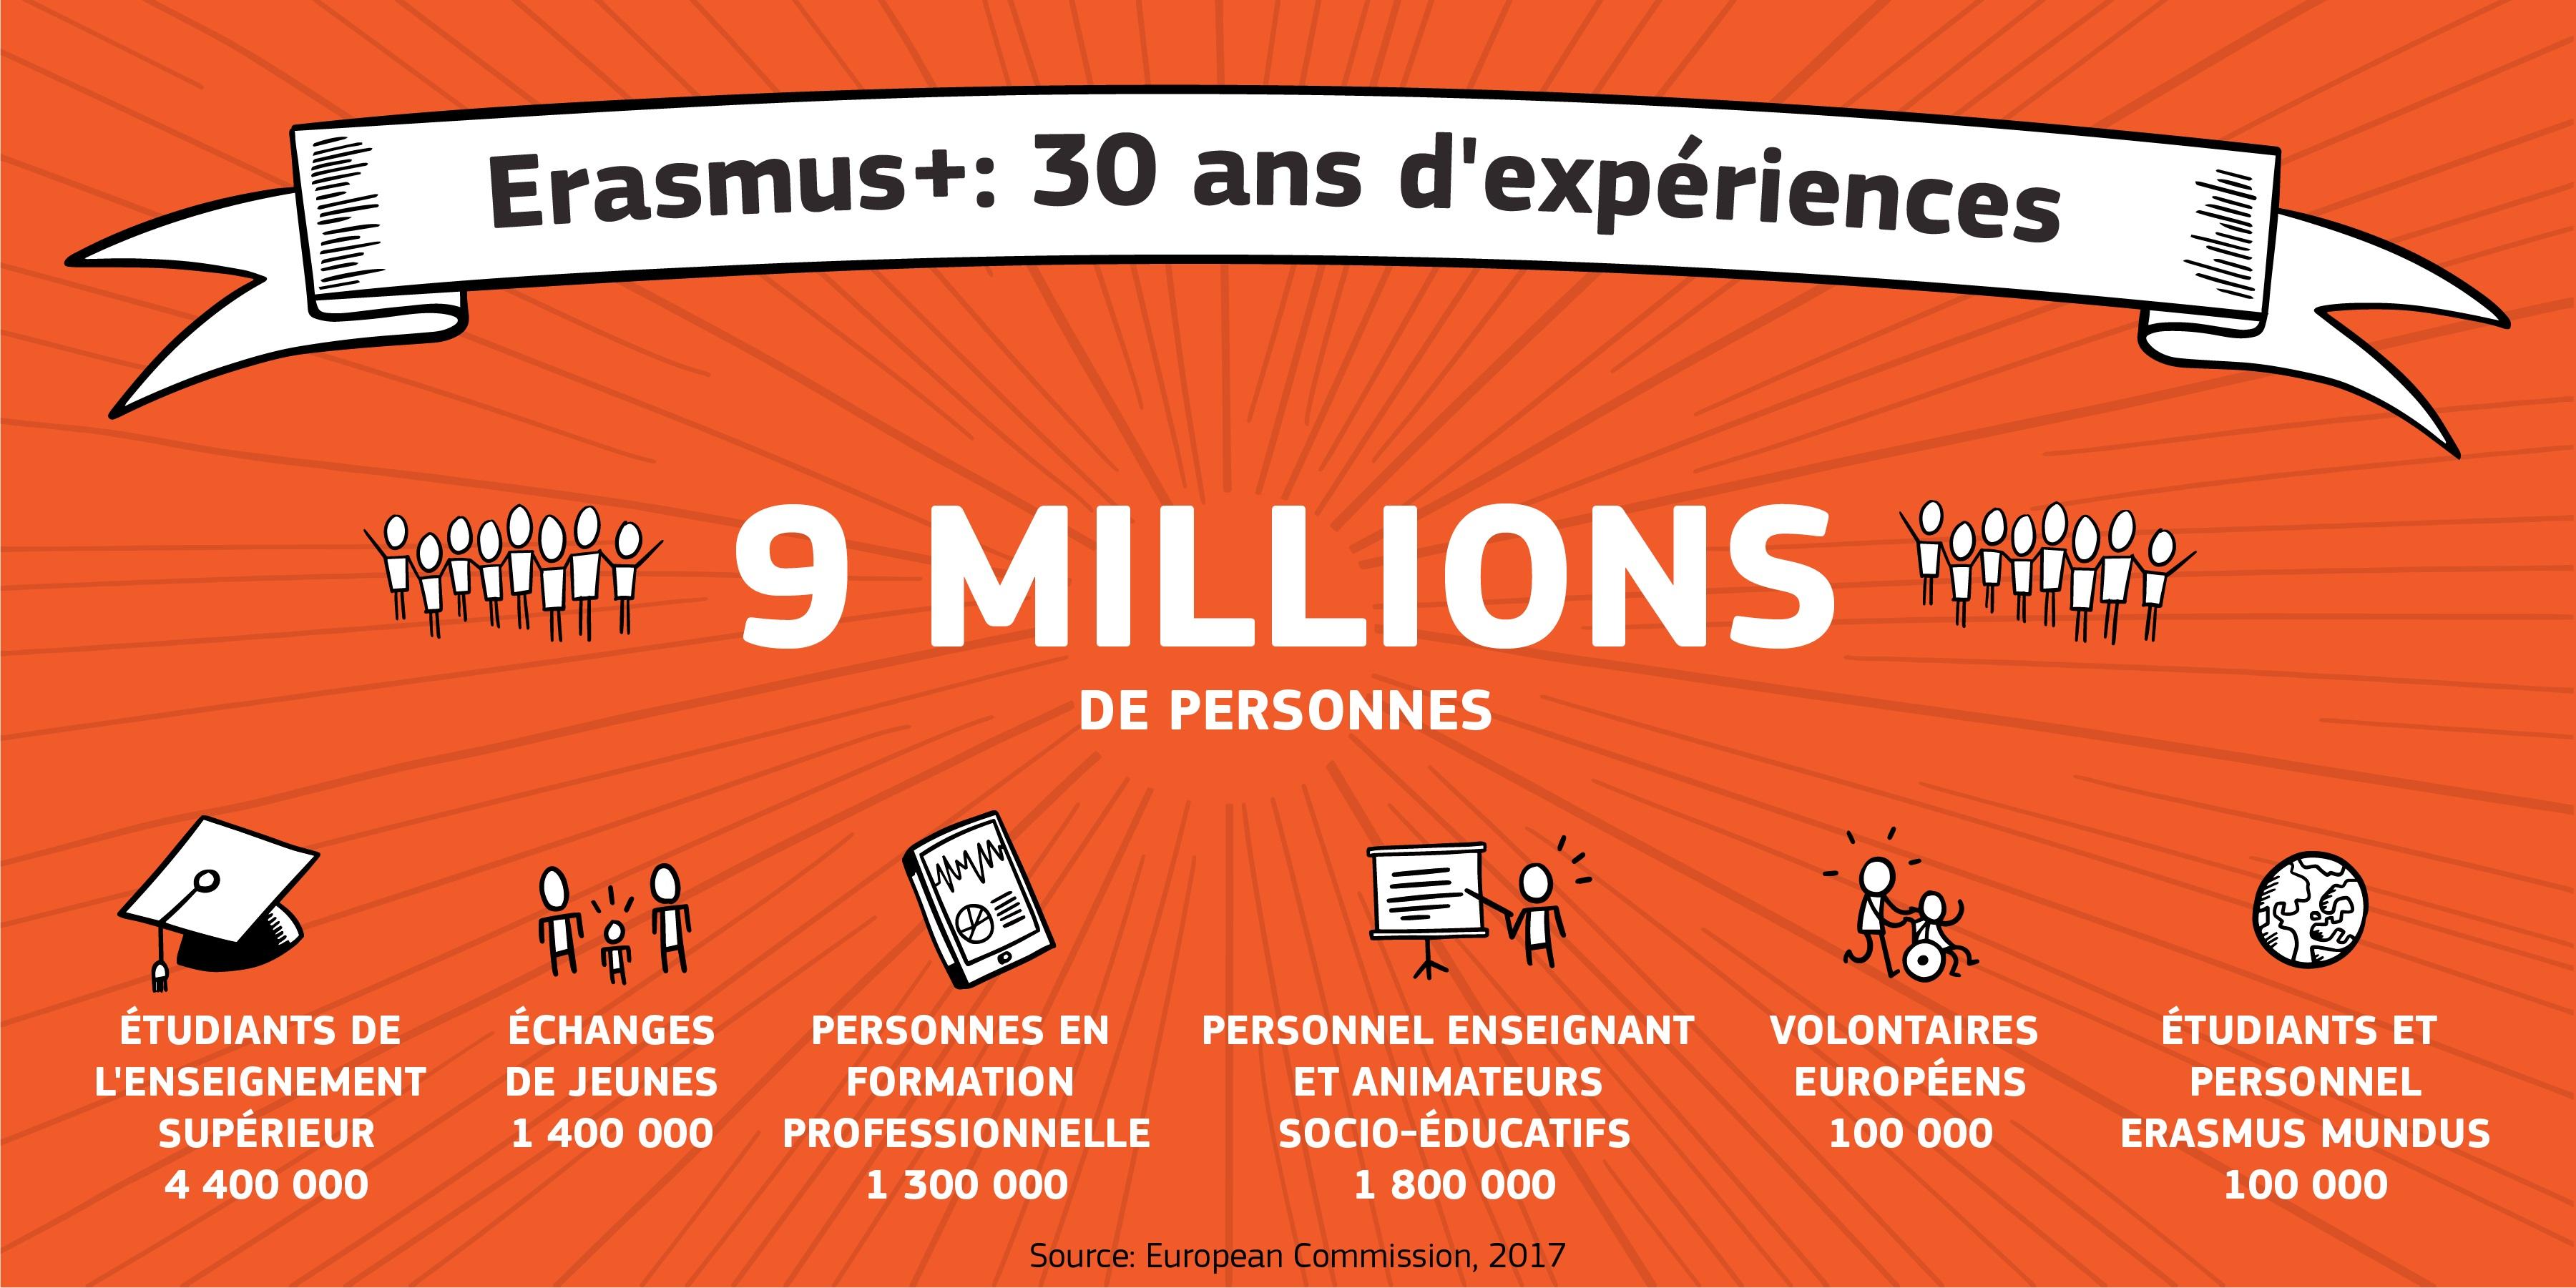 Illustration, chiffres du programme erasmus. 9 millions de personnes de toute l'Europe ont participé en 30 ans.